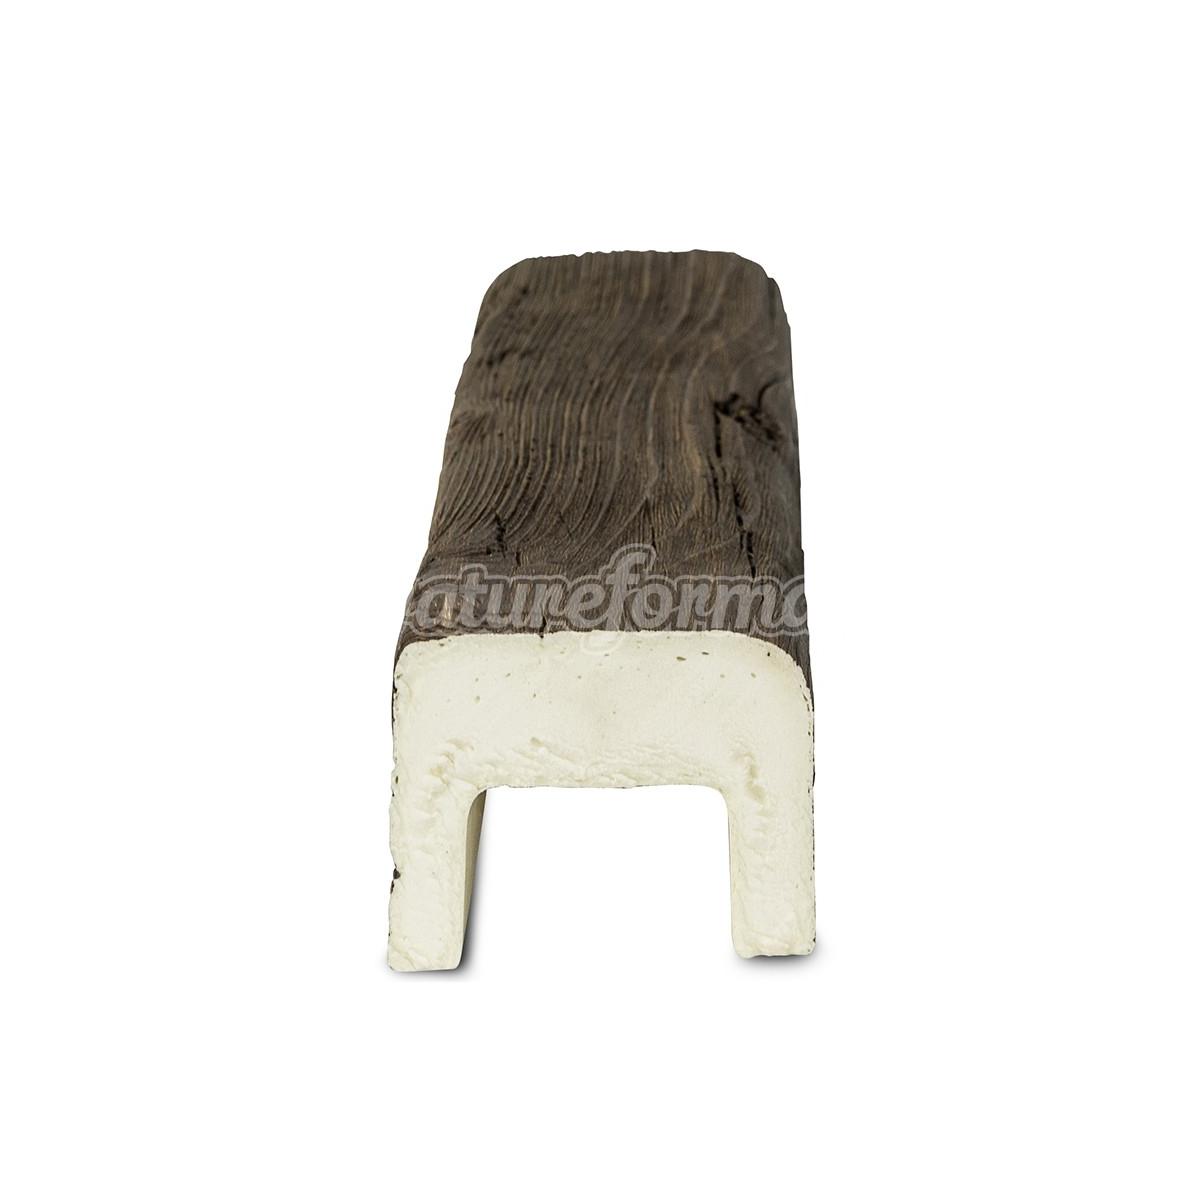 Viga imitación a madera 300x7x5,5 Grupo Unamacor Vigas imitación madera cuadradas